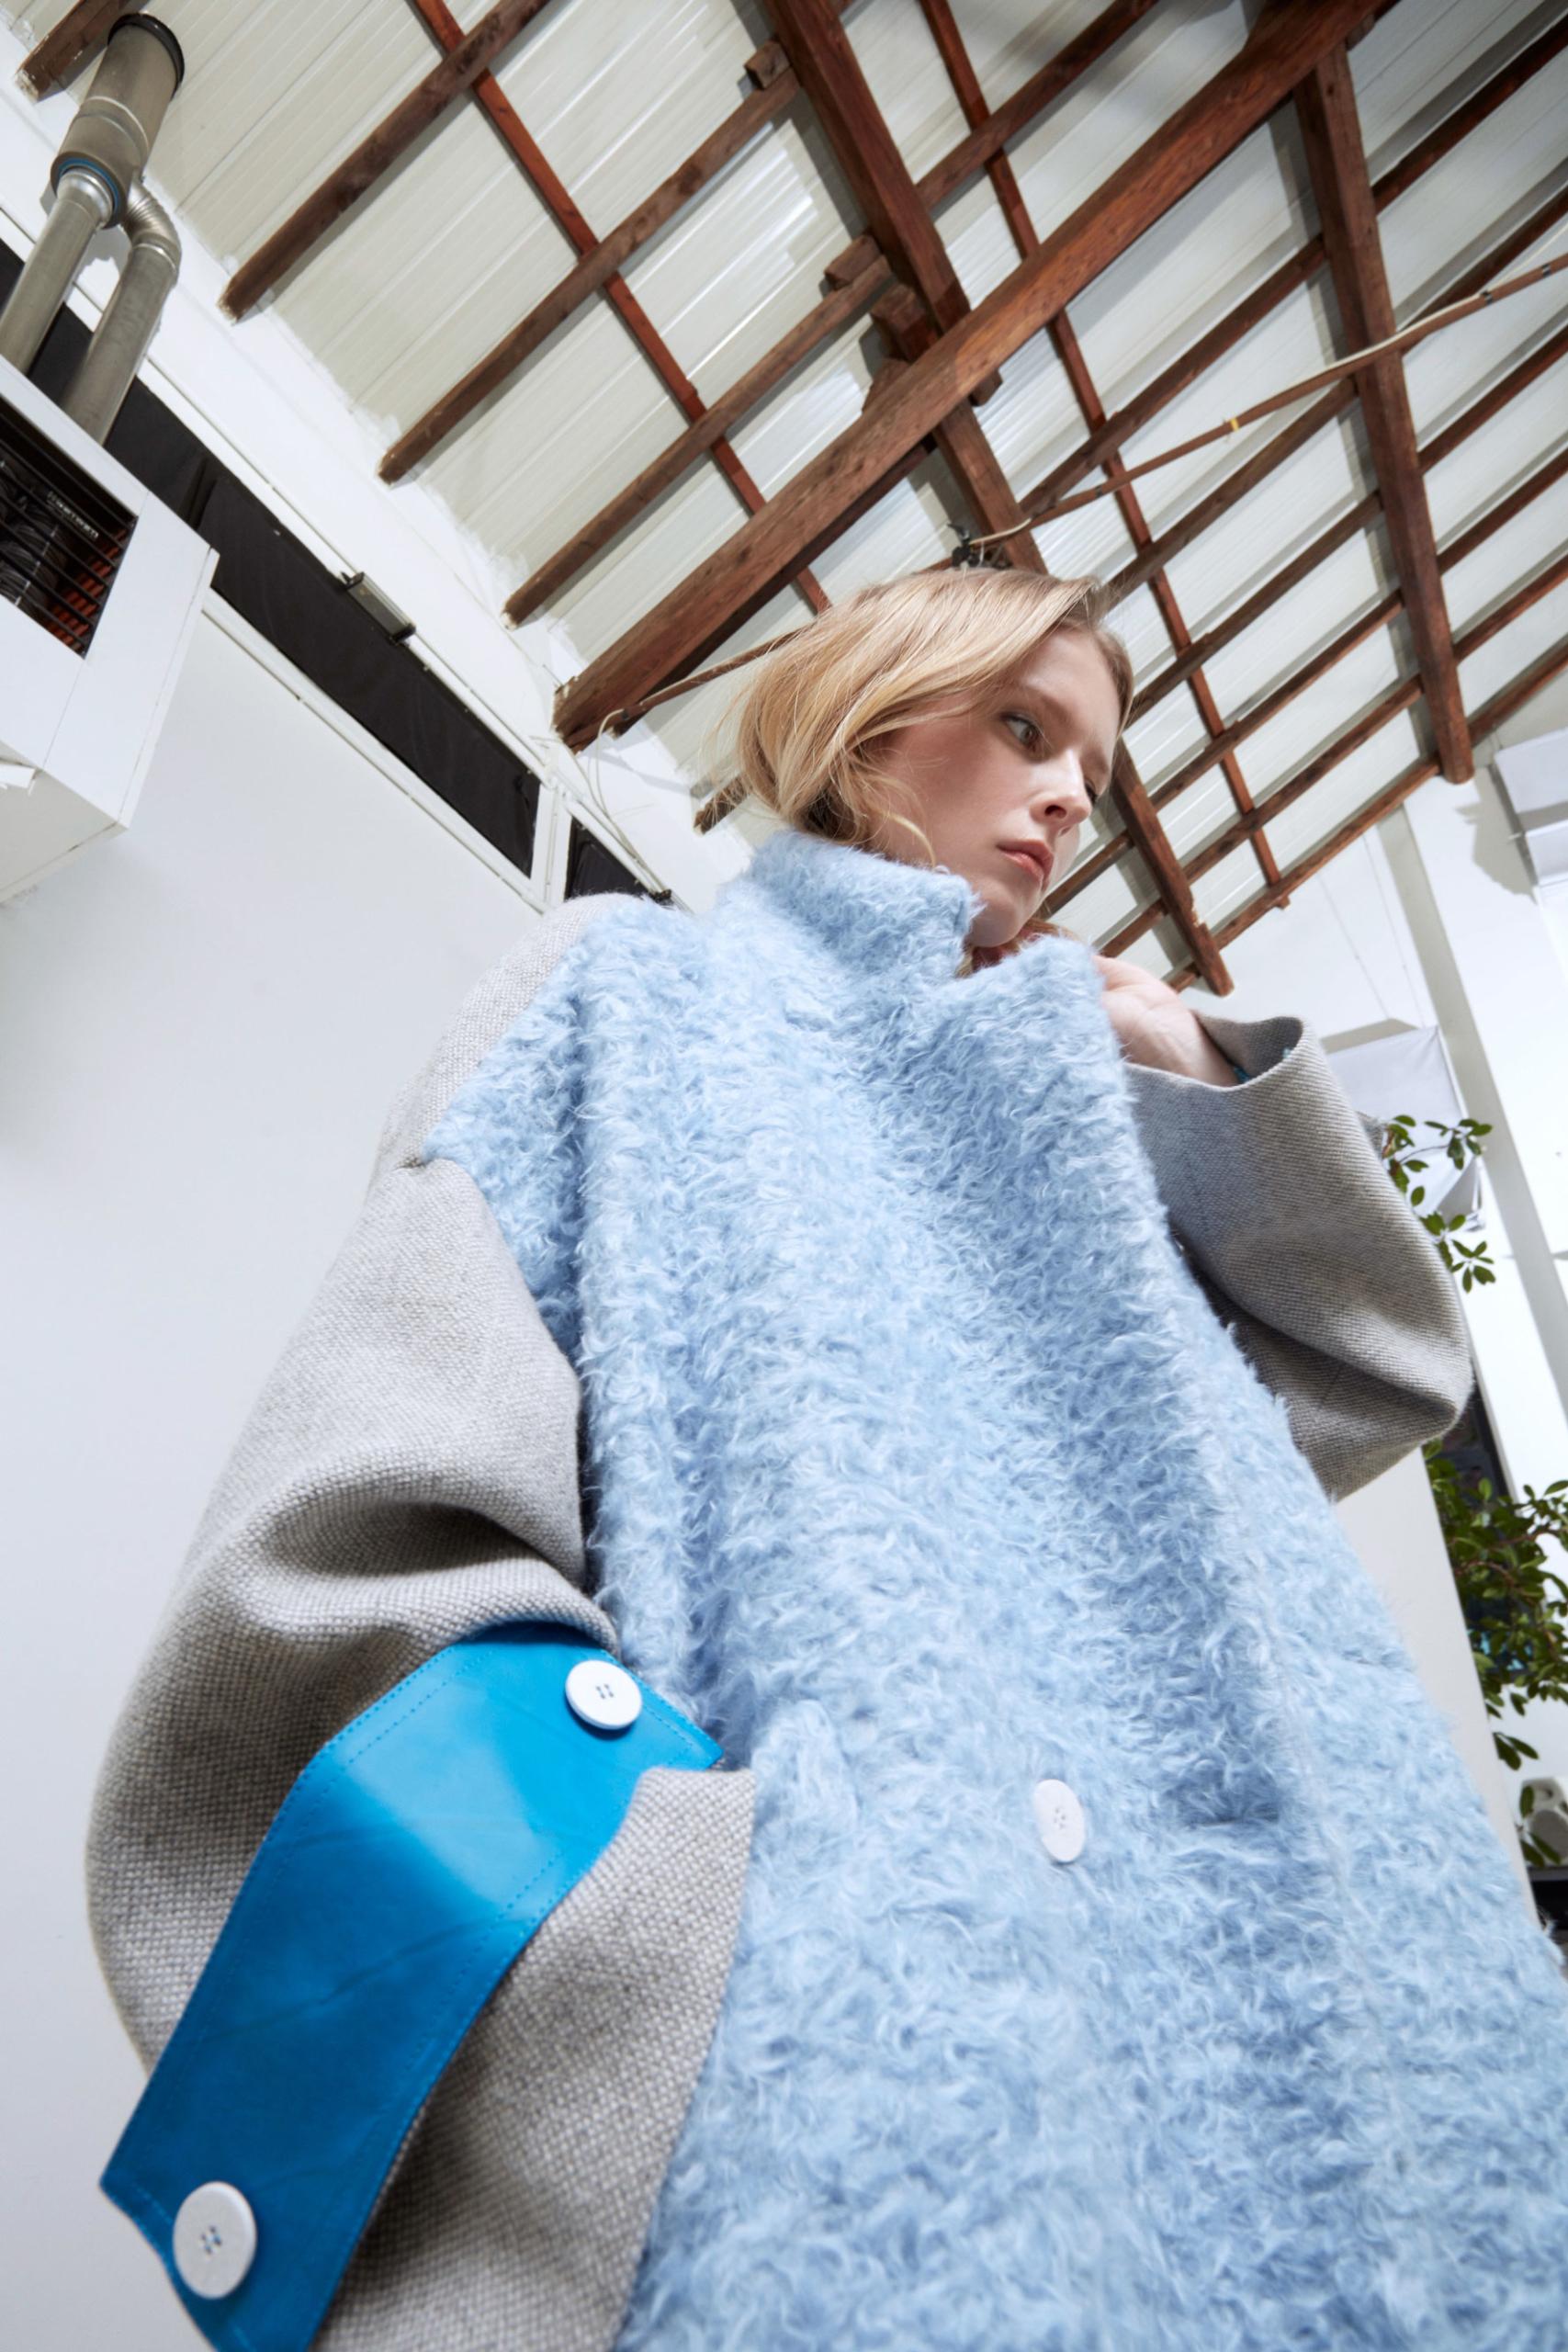 Bav-Tailor-cappotto-azzurro-dettaglio